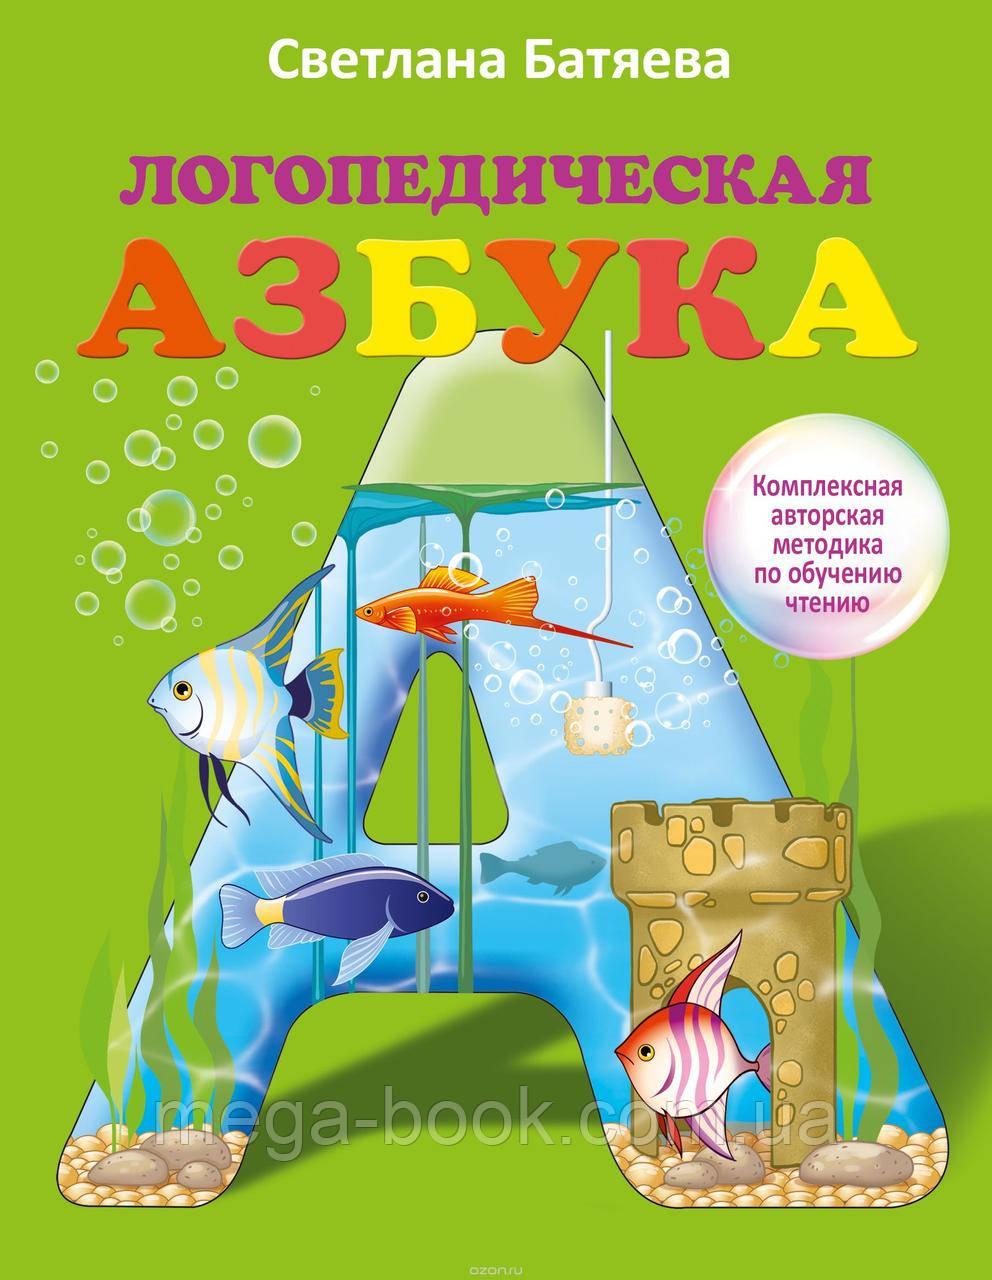 Логопедическая азбука. Автор Батяева С.В.